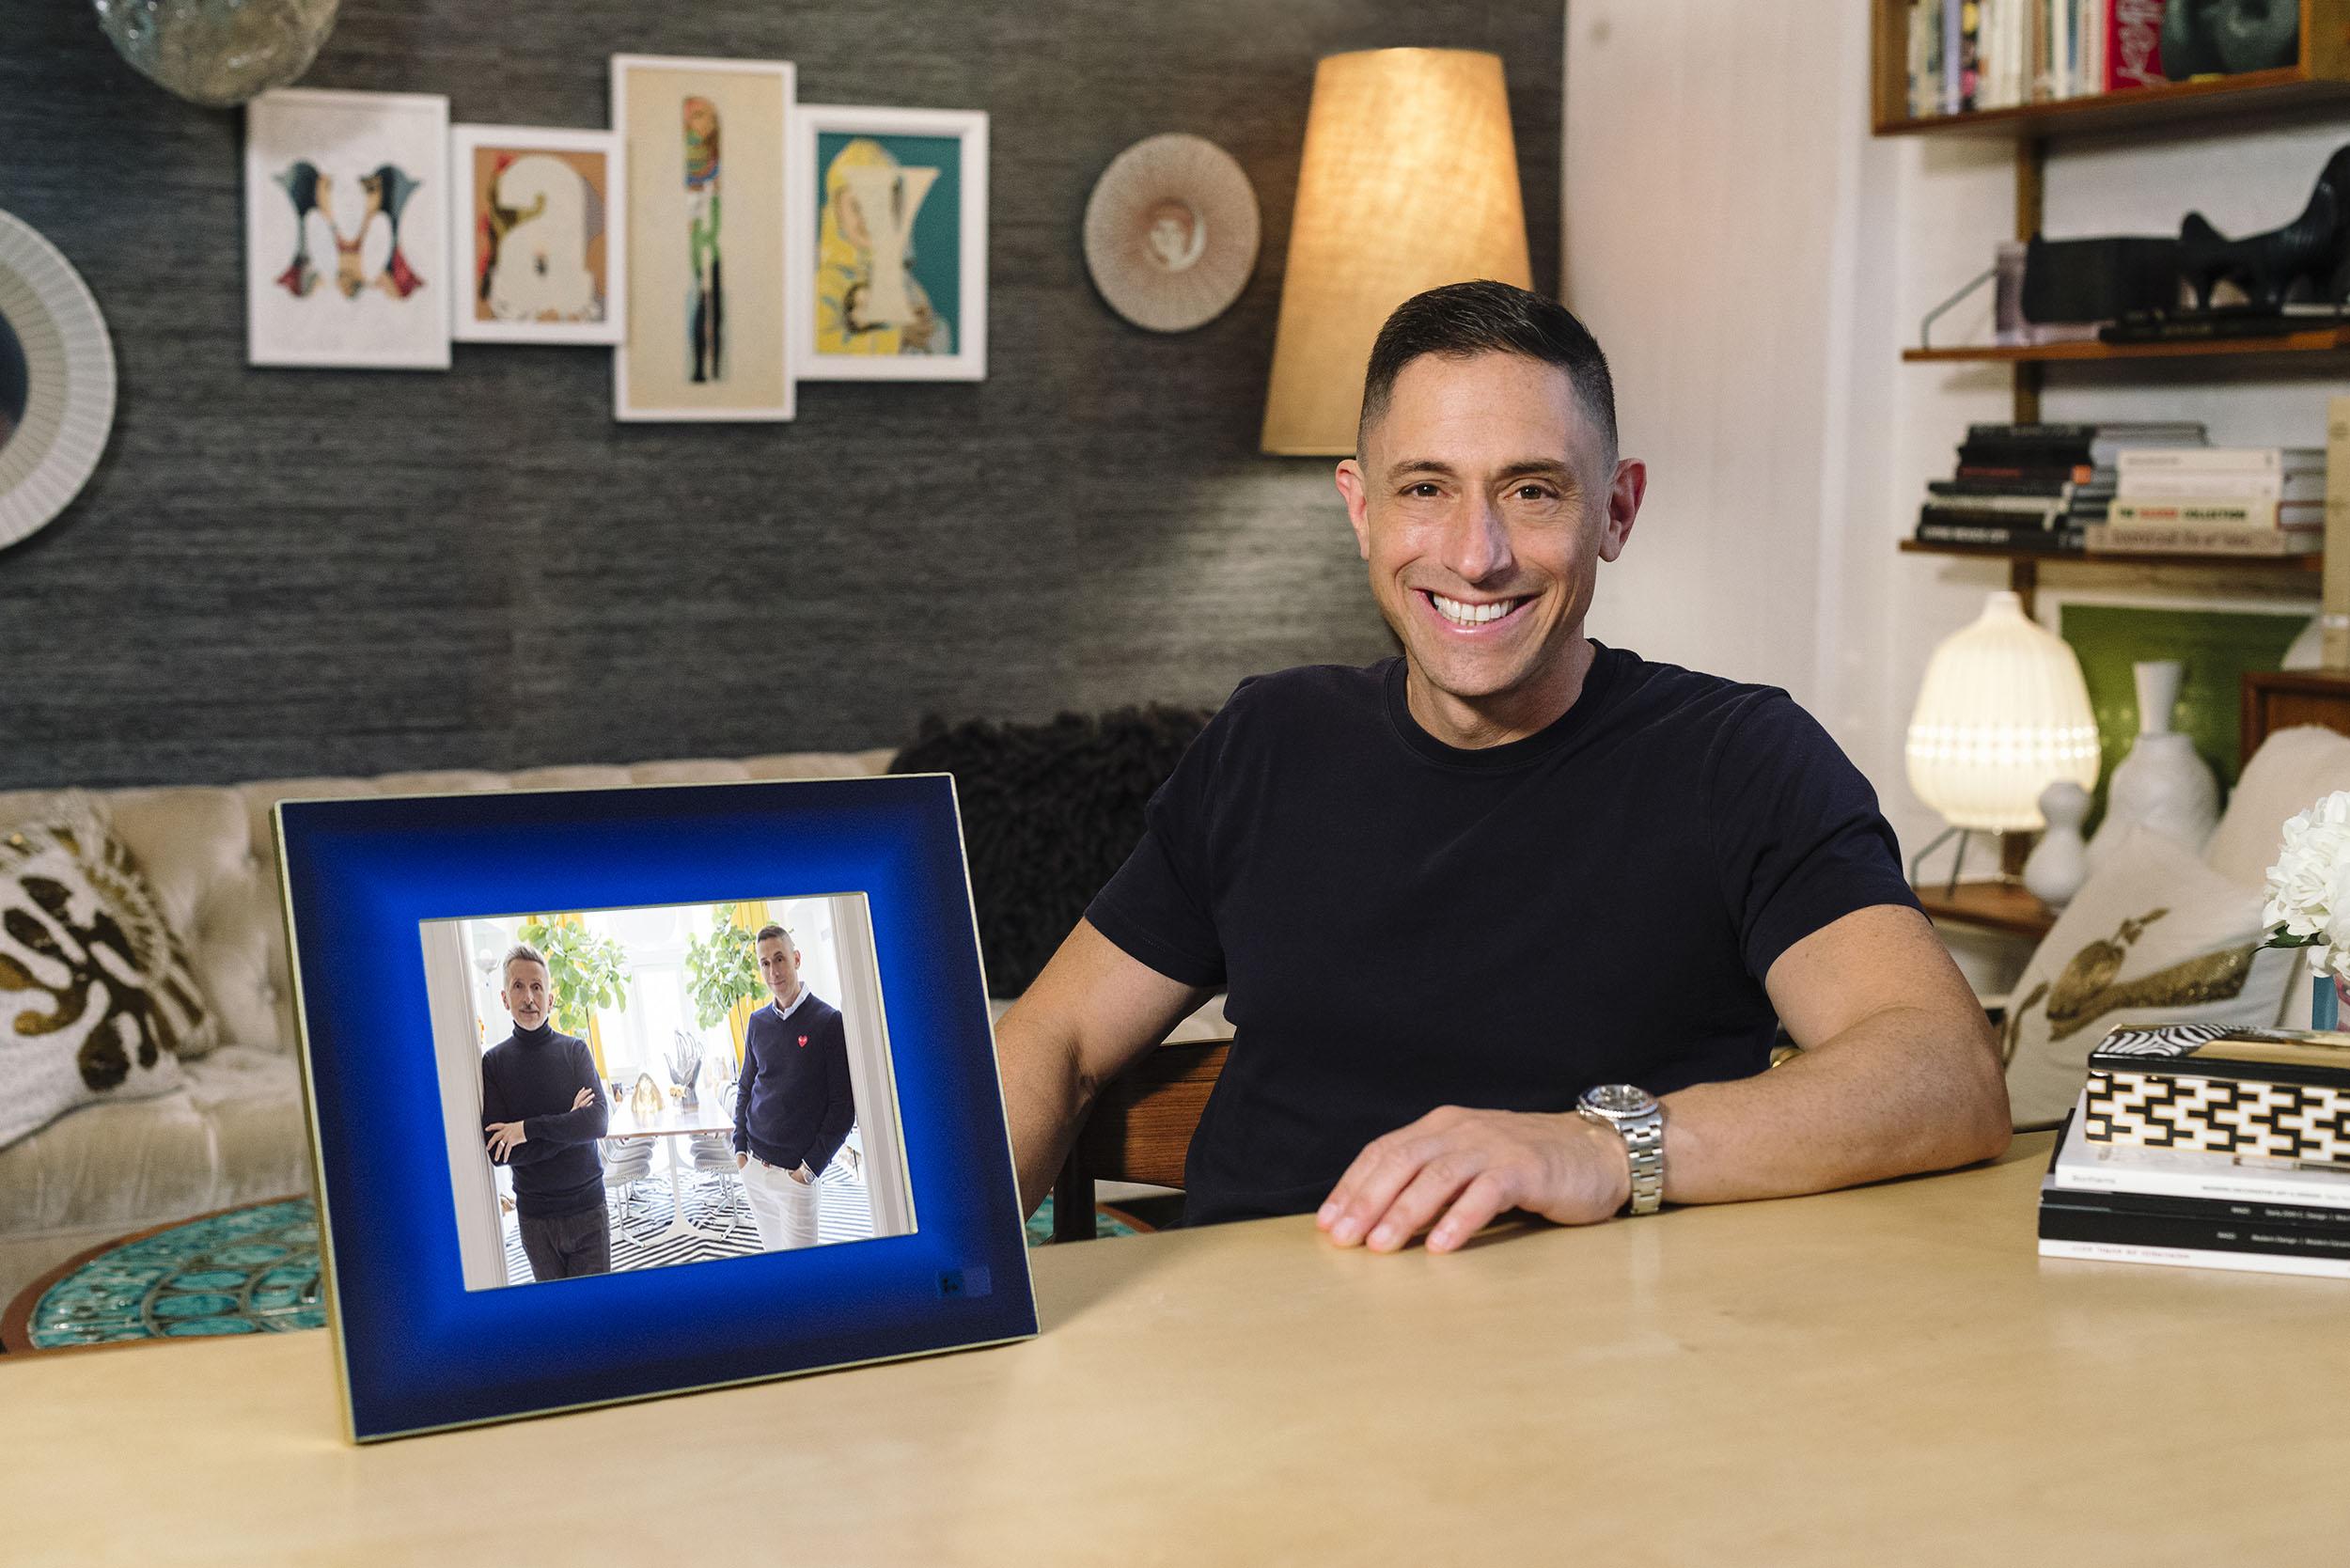 Aura And Artist Jonathan Adler Partner To Make Smart Frames